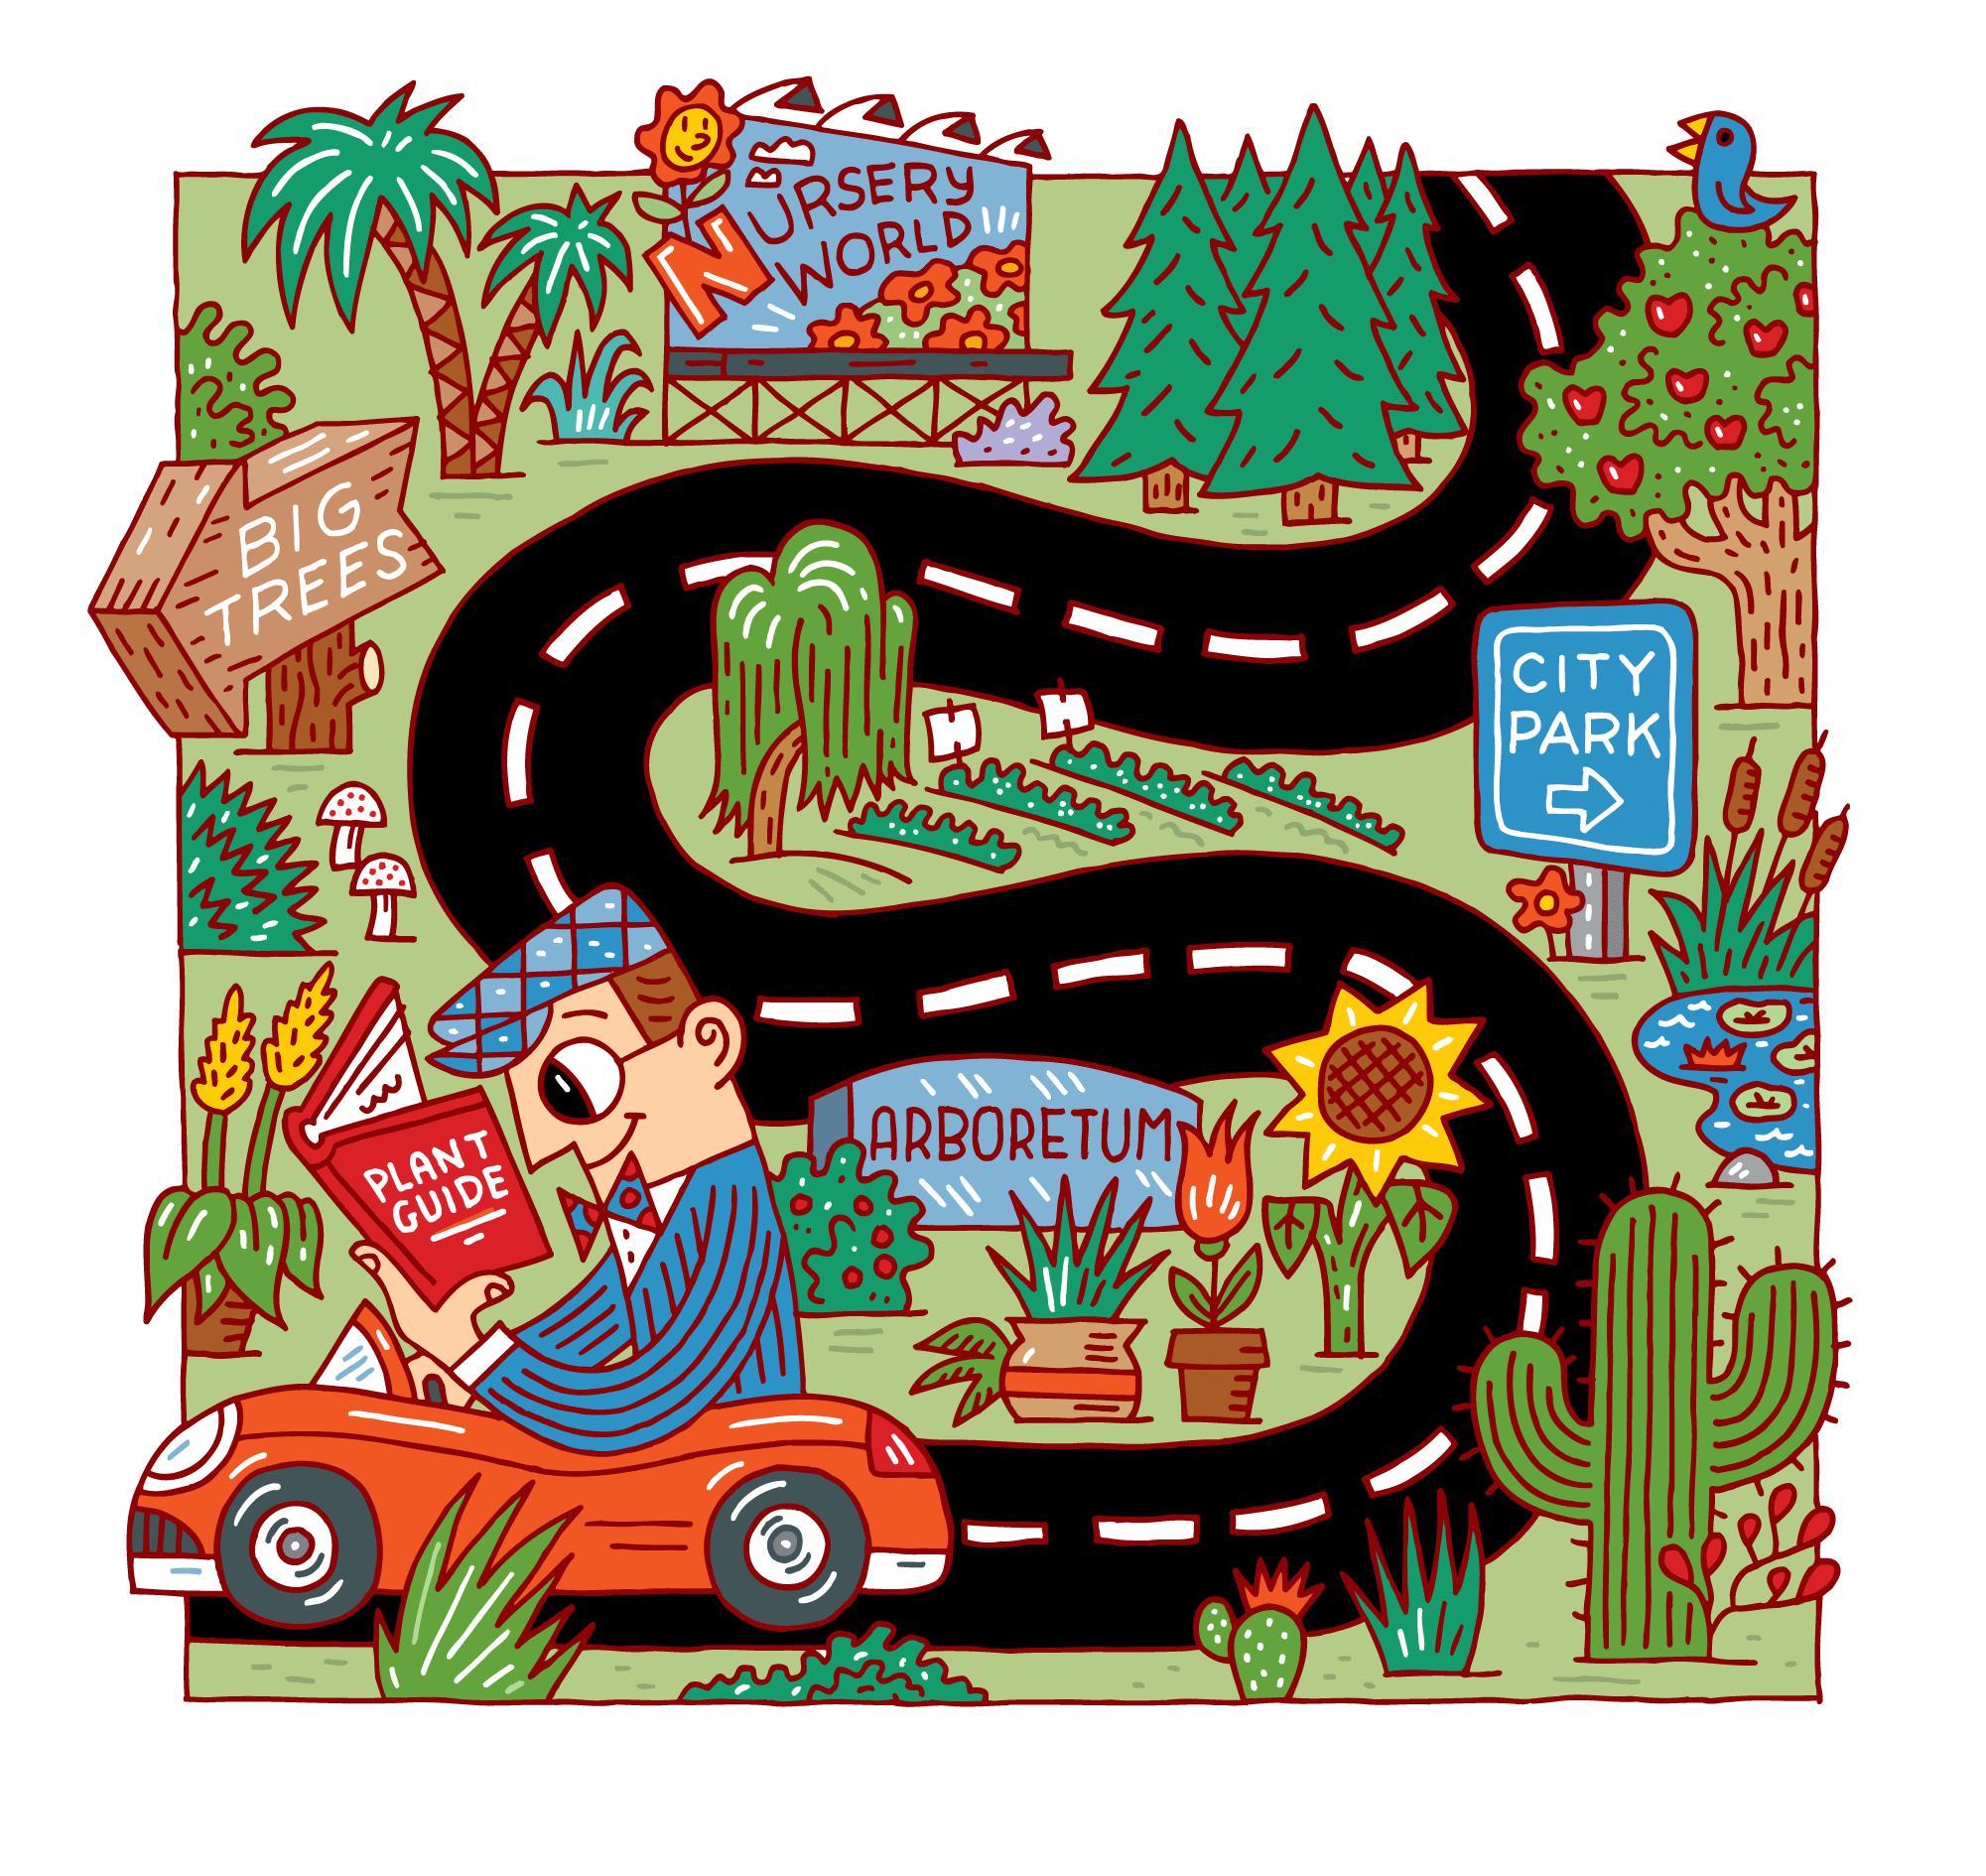 Garden Drive: For Sunset Magazine